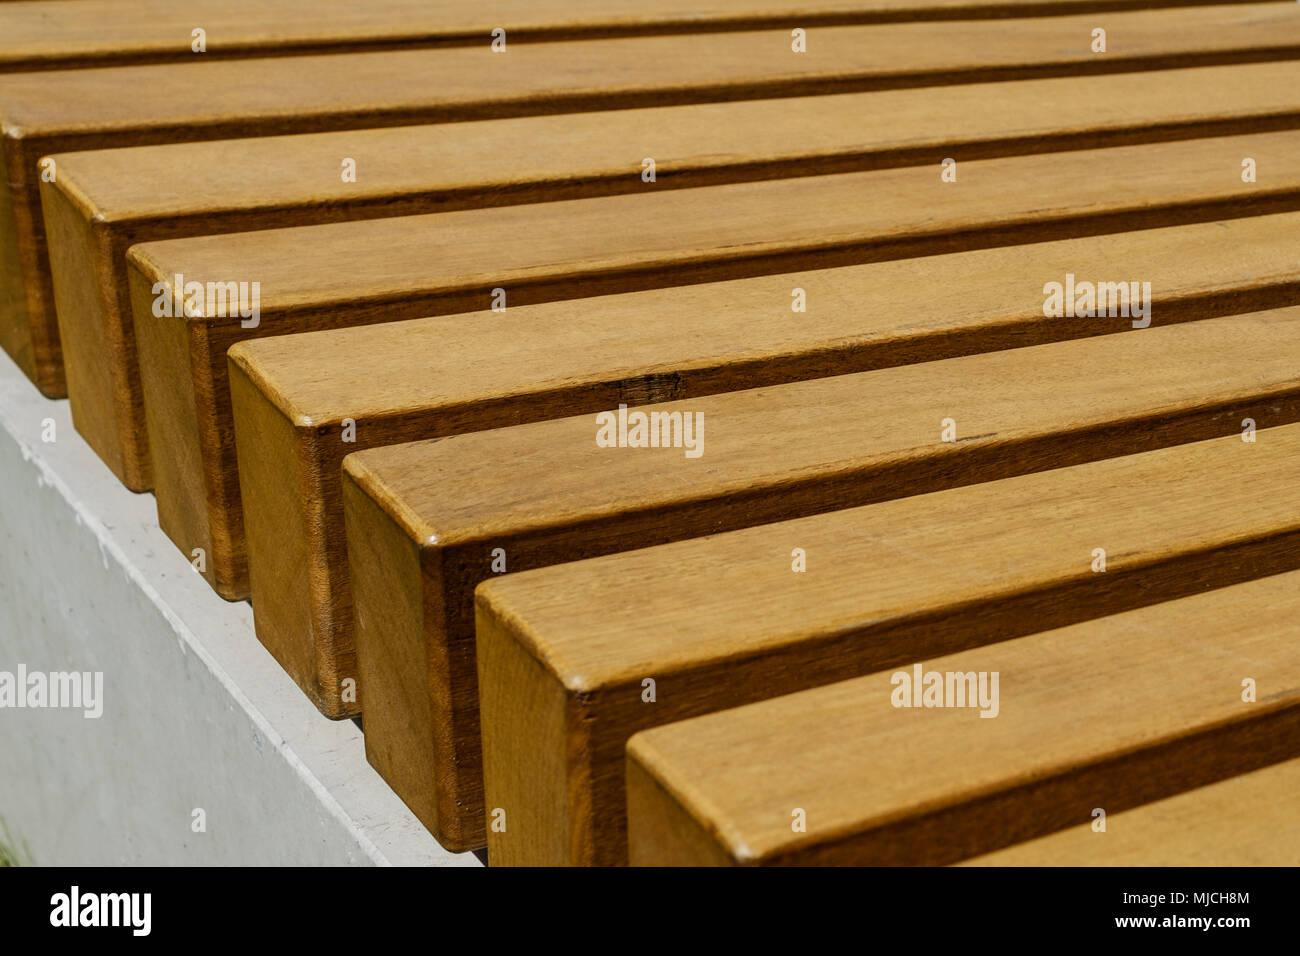 banc en bois libre, le bar d'arrière-plan, des meubles en bois